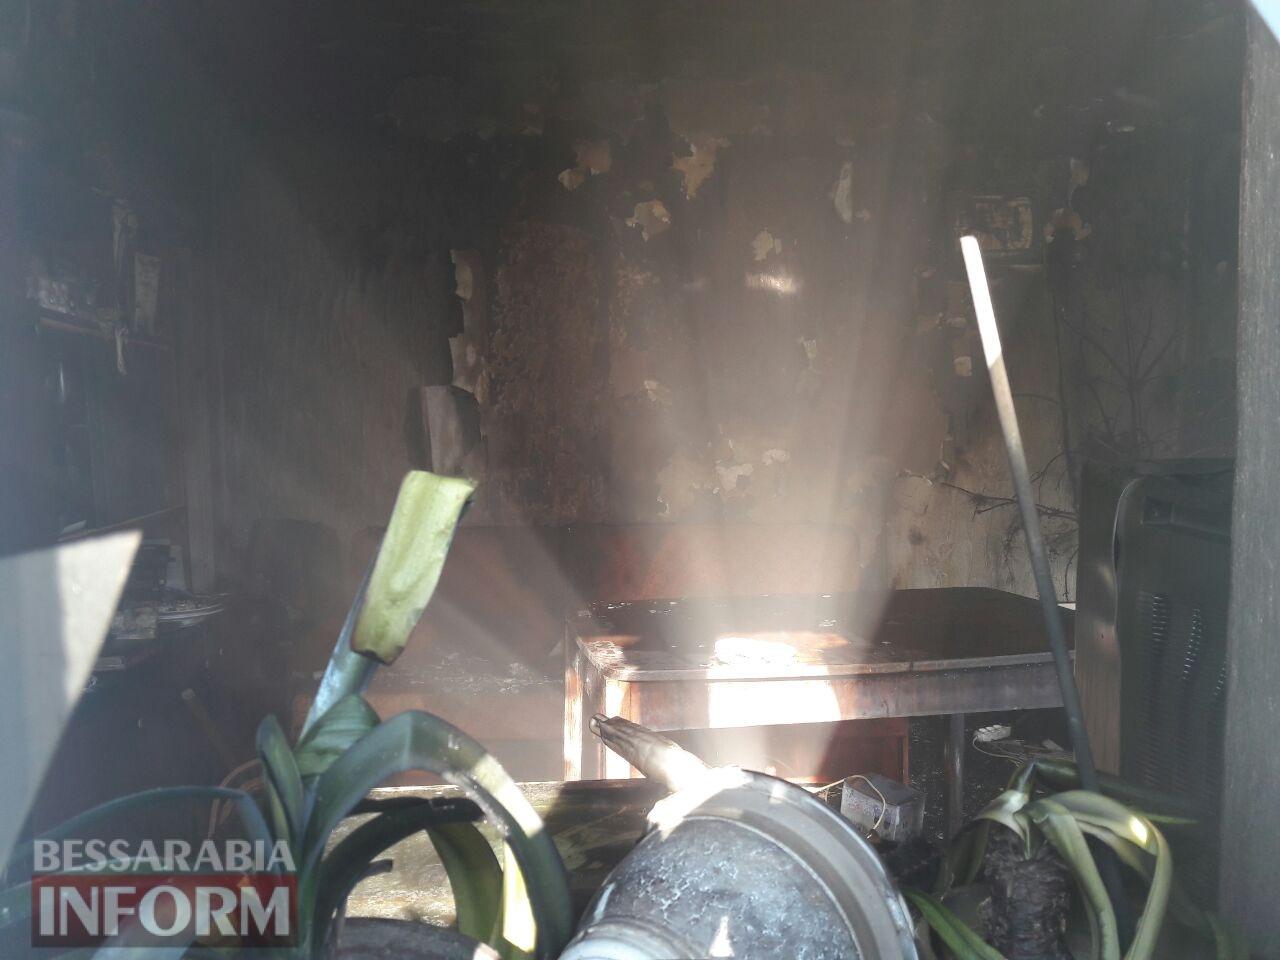 58d8c07815cd6_3547756 Утром в Измаиле произошел пожар в жилом доме